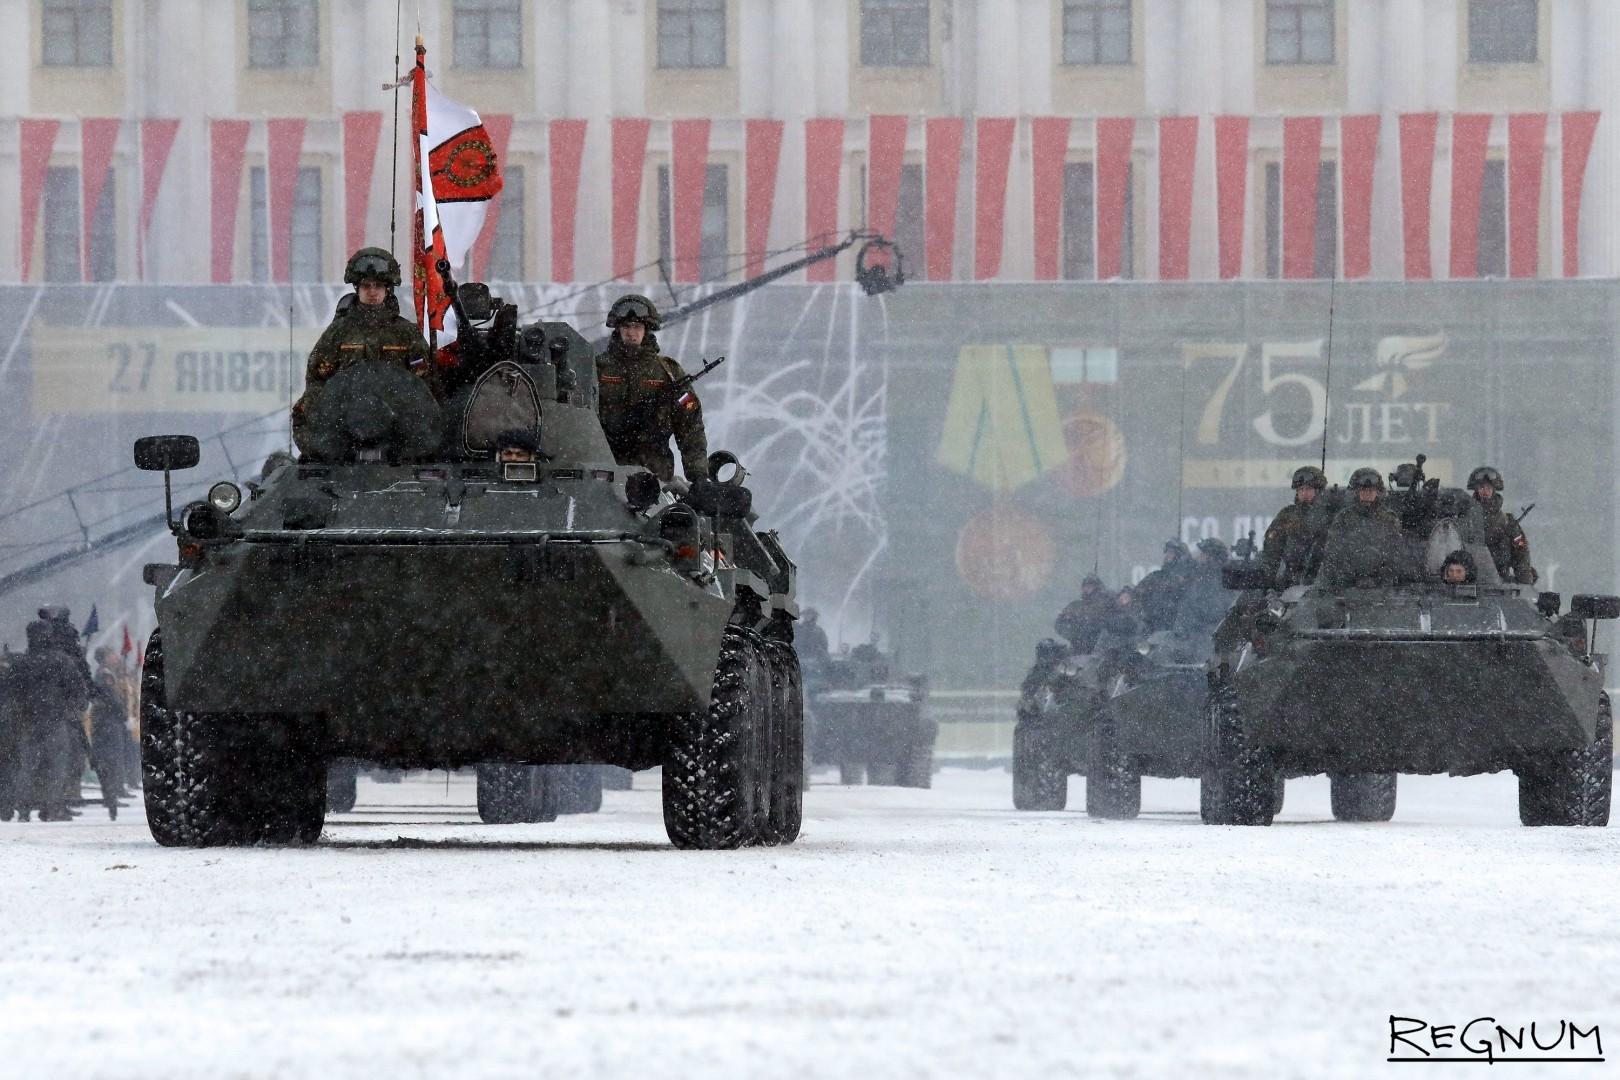 Колонна БТР на военном параде в честь 75-й годовщины полного снятия блокады Ленинграда